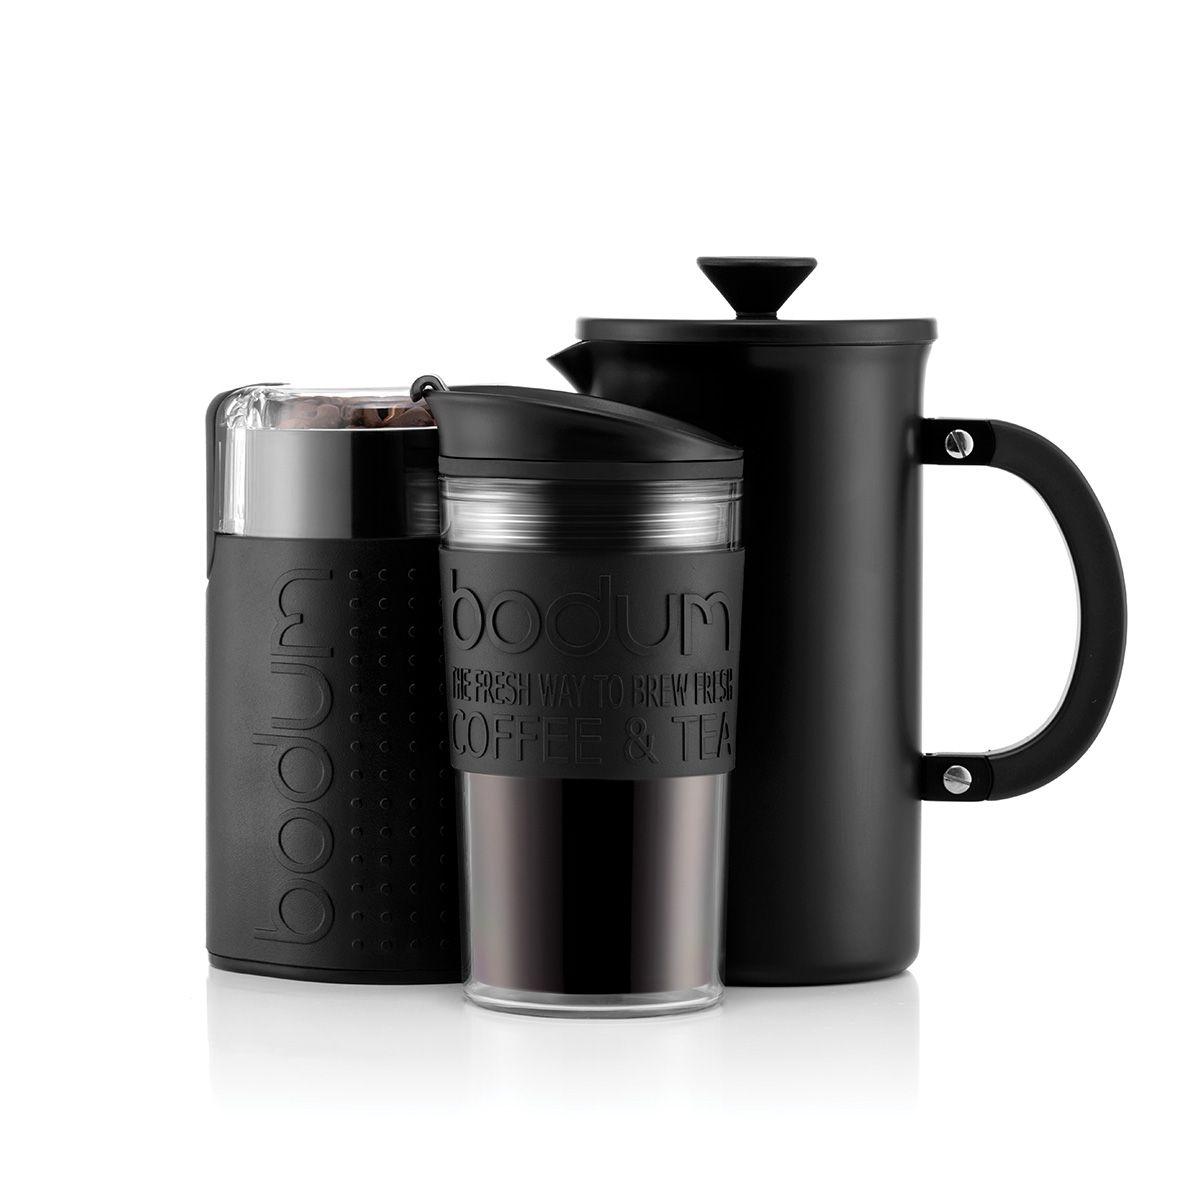 Bodum Tribute 3-delige koffieset voor €33,95 @ Bodum